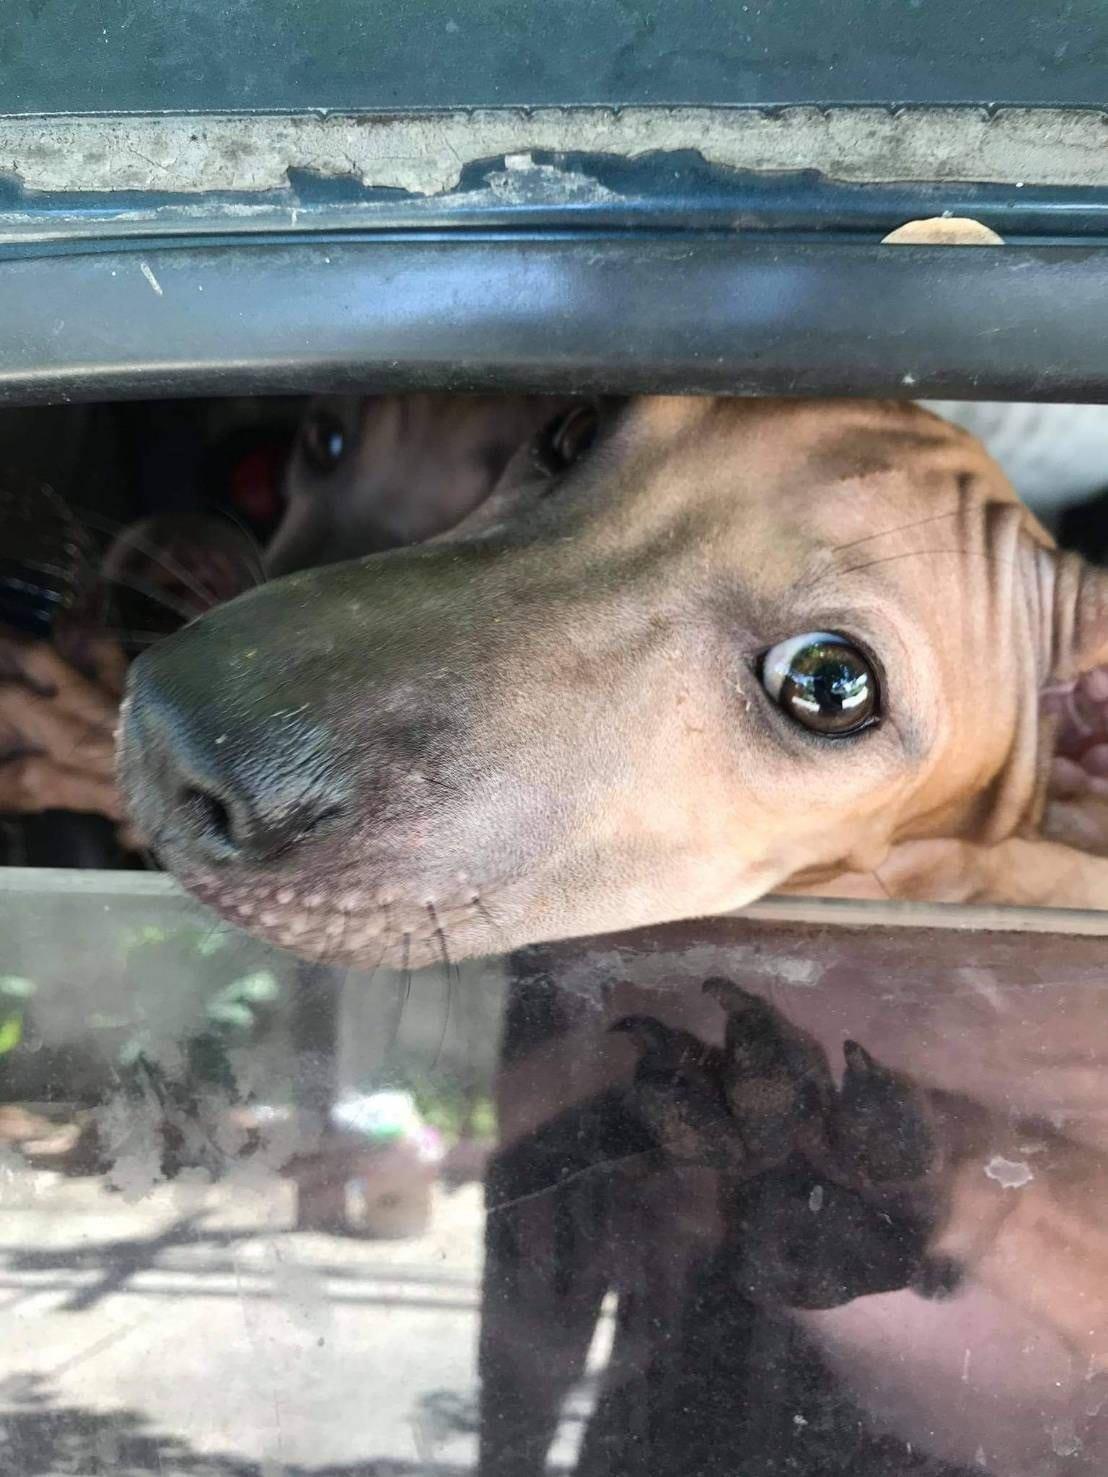 Dogilike.com :: น้องหมาถูกขังตากแดด ส่งสายตาอ้อนวอน ชาวบ้านรีบเข้าช่วย ..